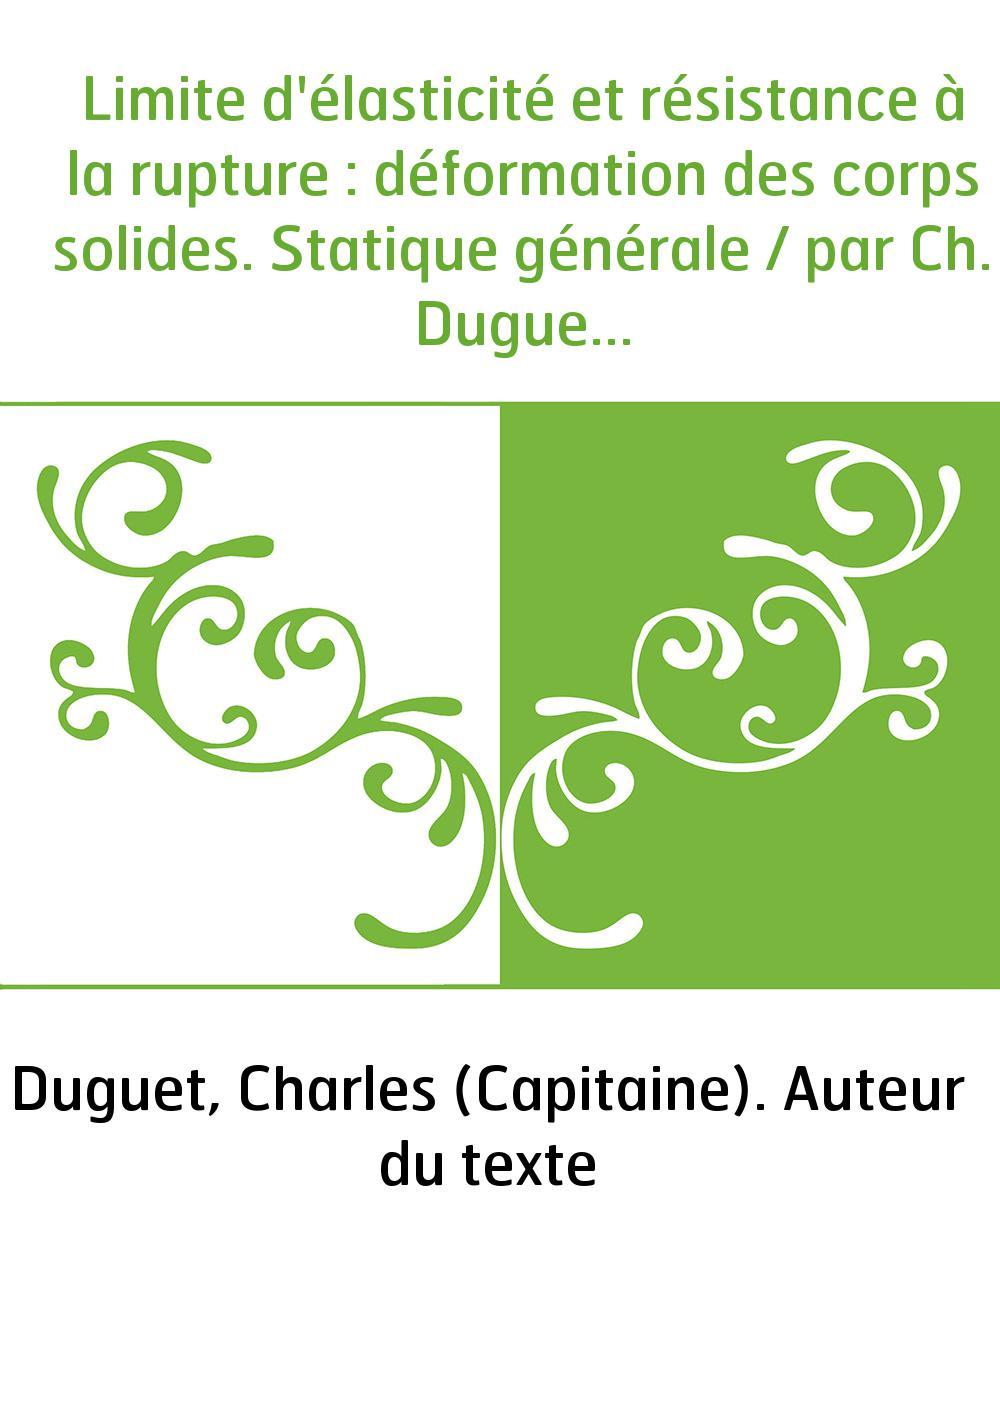 Limite d'élasticité et résistance à la rupture : déformation des corps solides. Statique générale / par Ch. Duguet,...